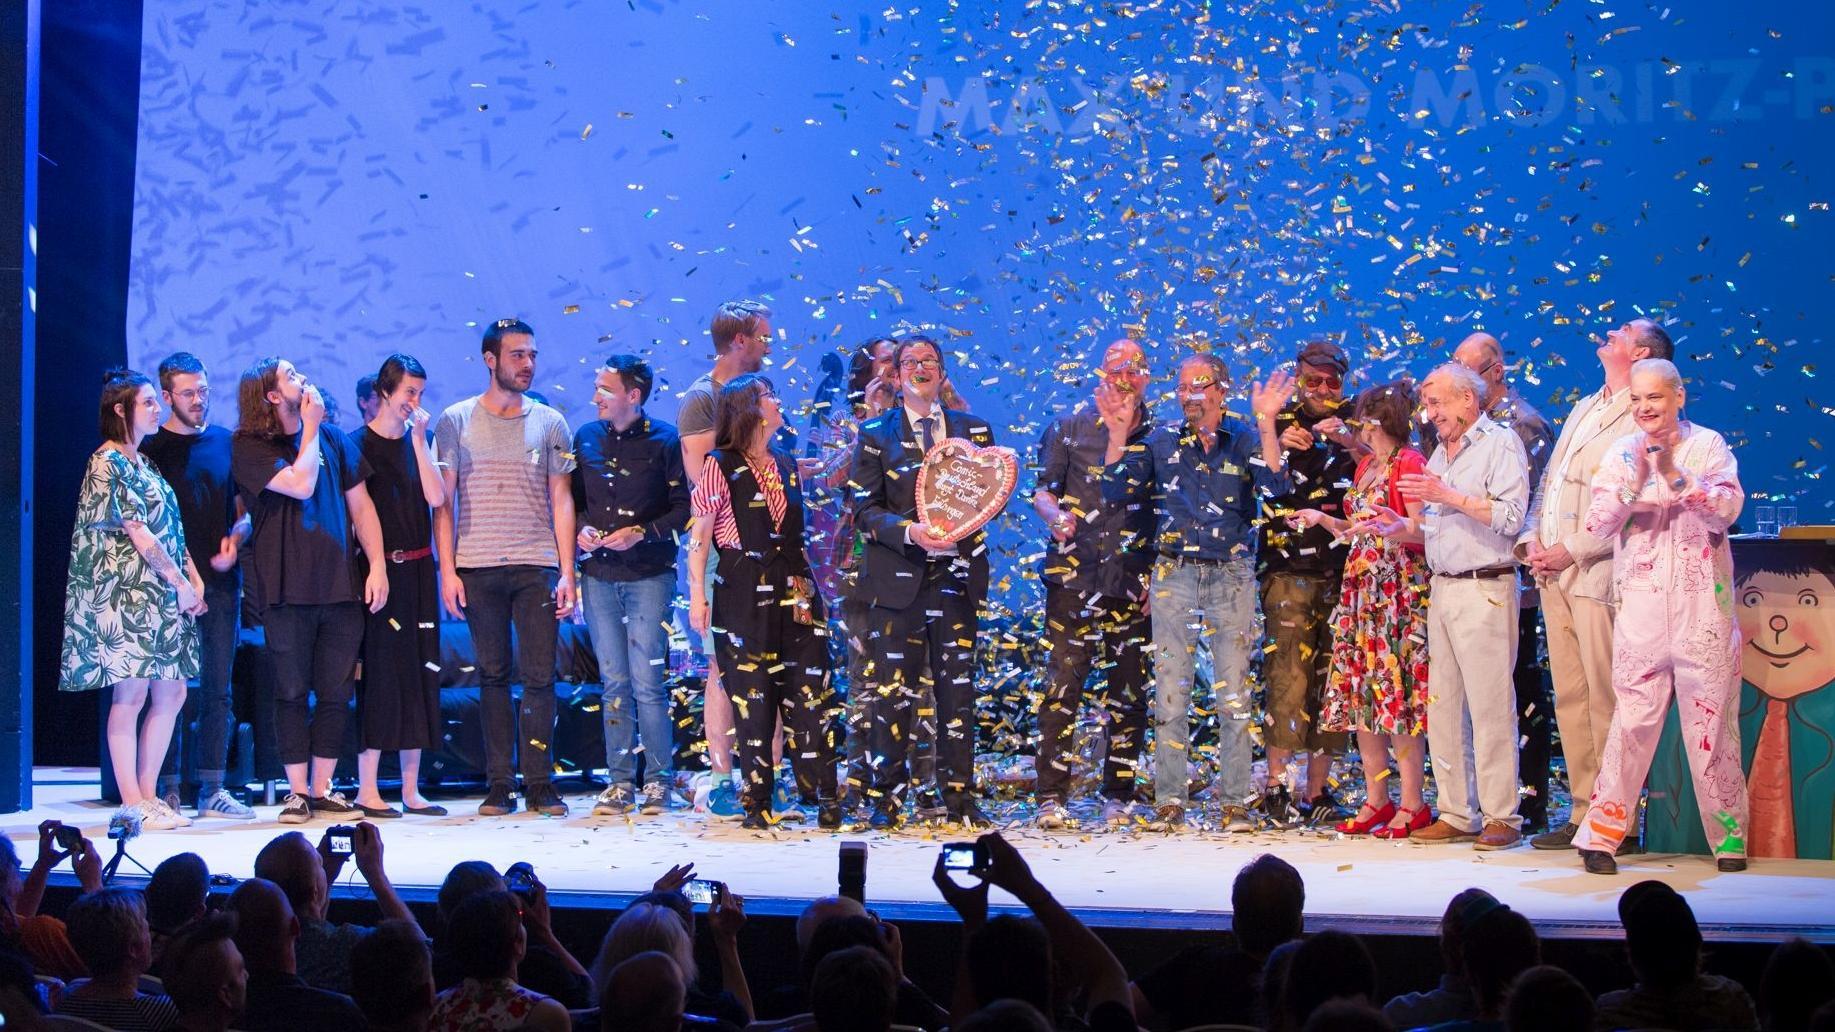 Die Preisträger des Max und Moritz-Preises bei der Gala in Erlangen. Ihre Werke werden nun im Erika-Fuchs-Haus in Schwarzenbach gezeigt.